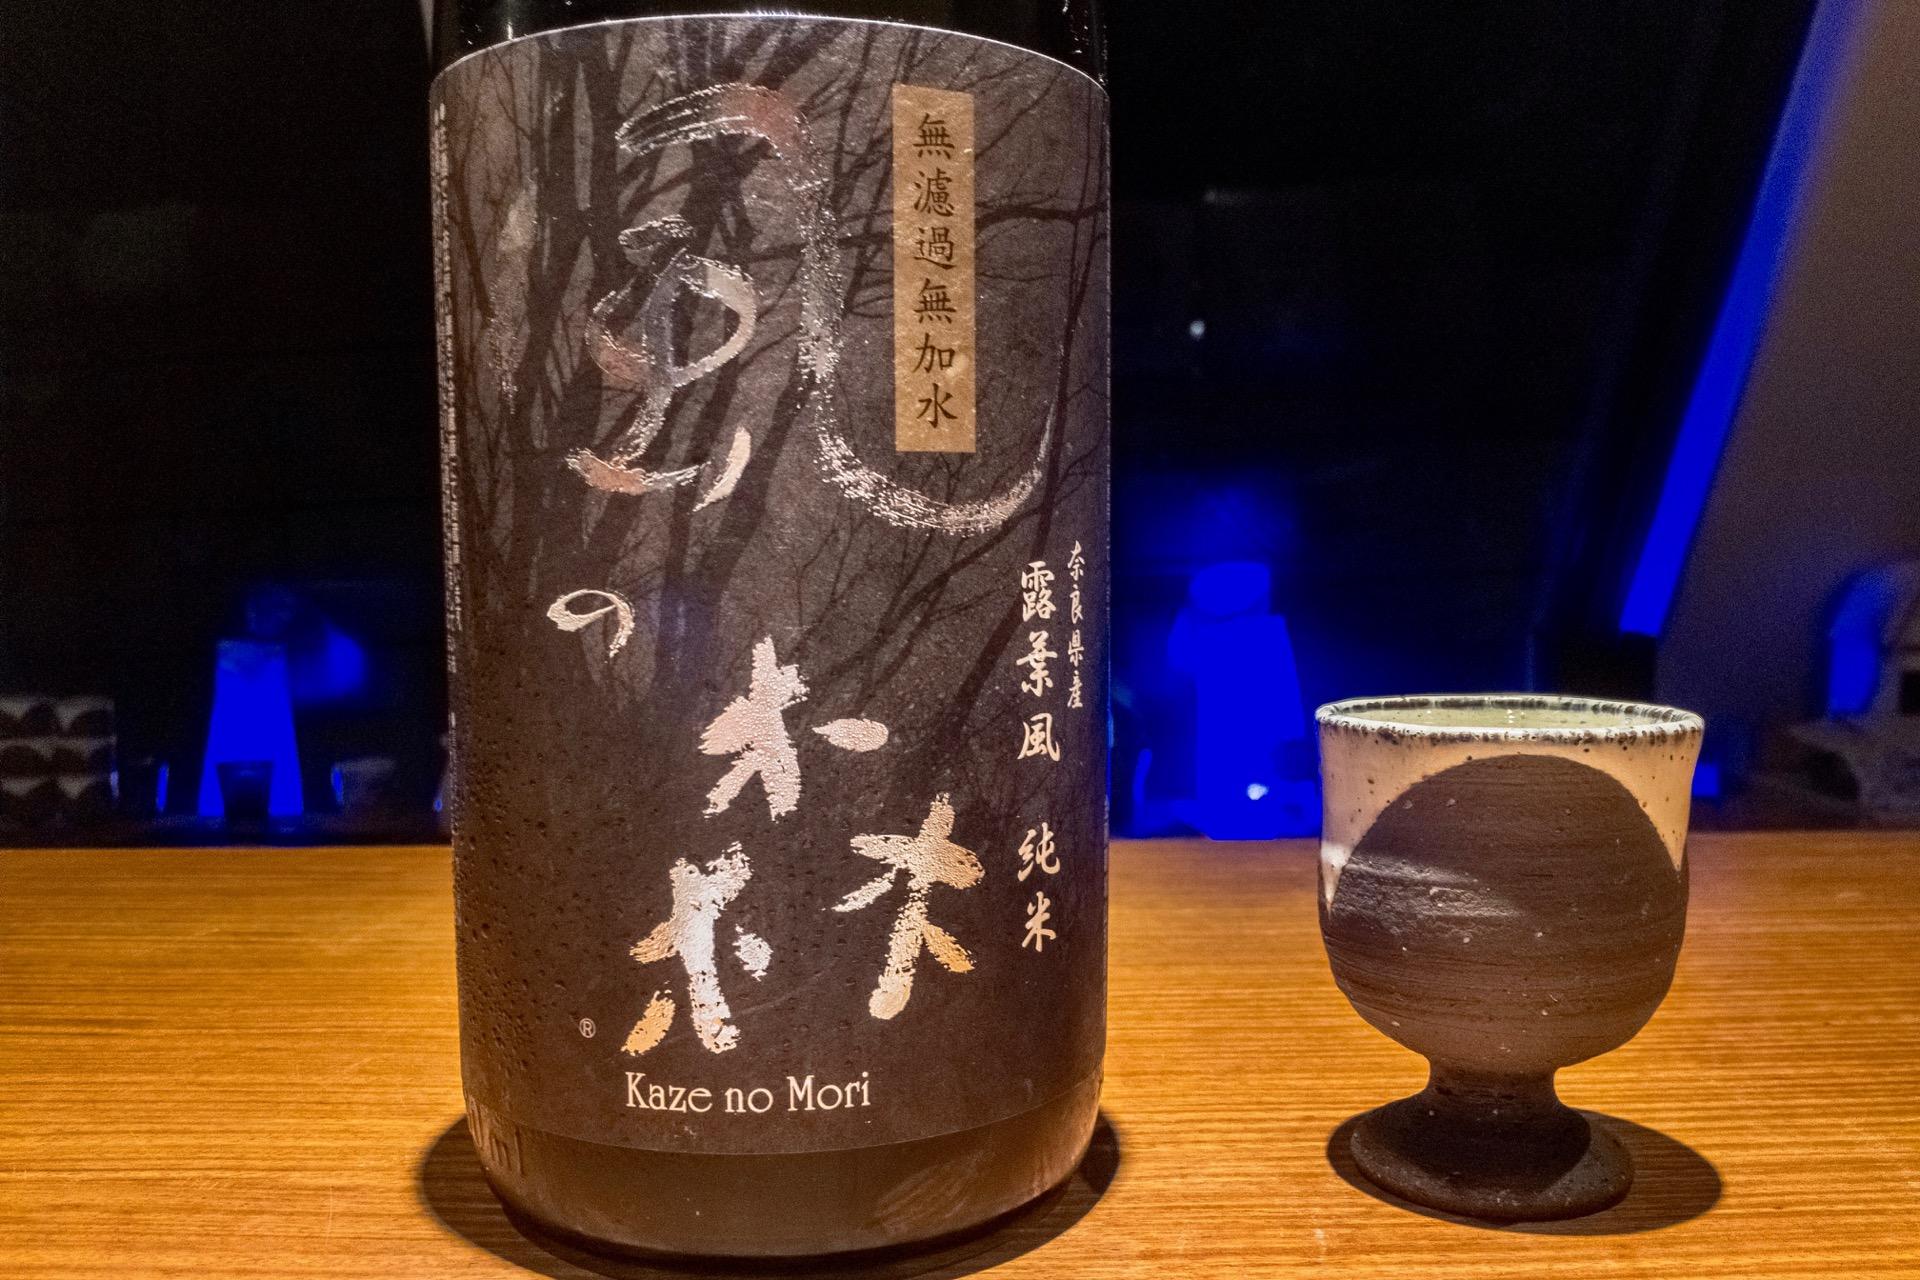 風の森 露葉風 純米しぼり華|日本酒テイスティングノート